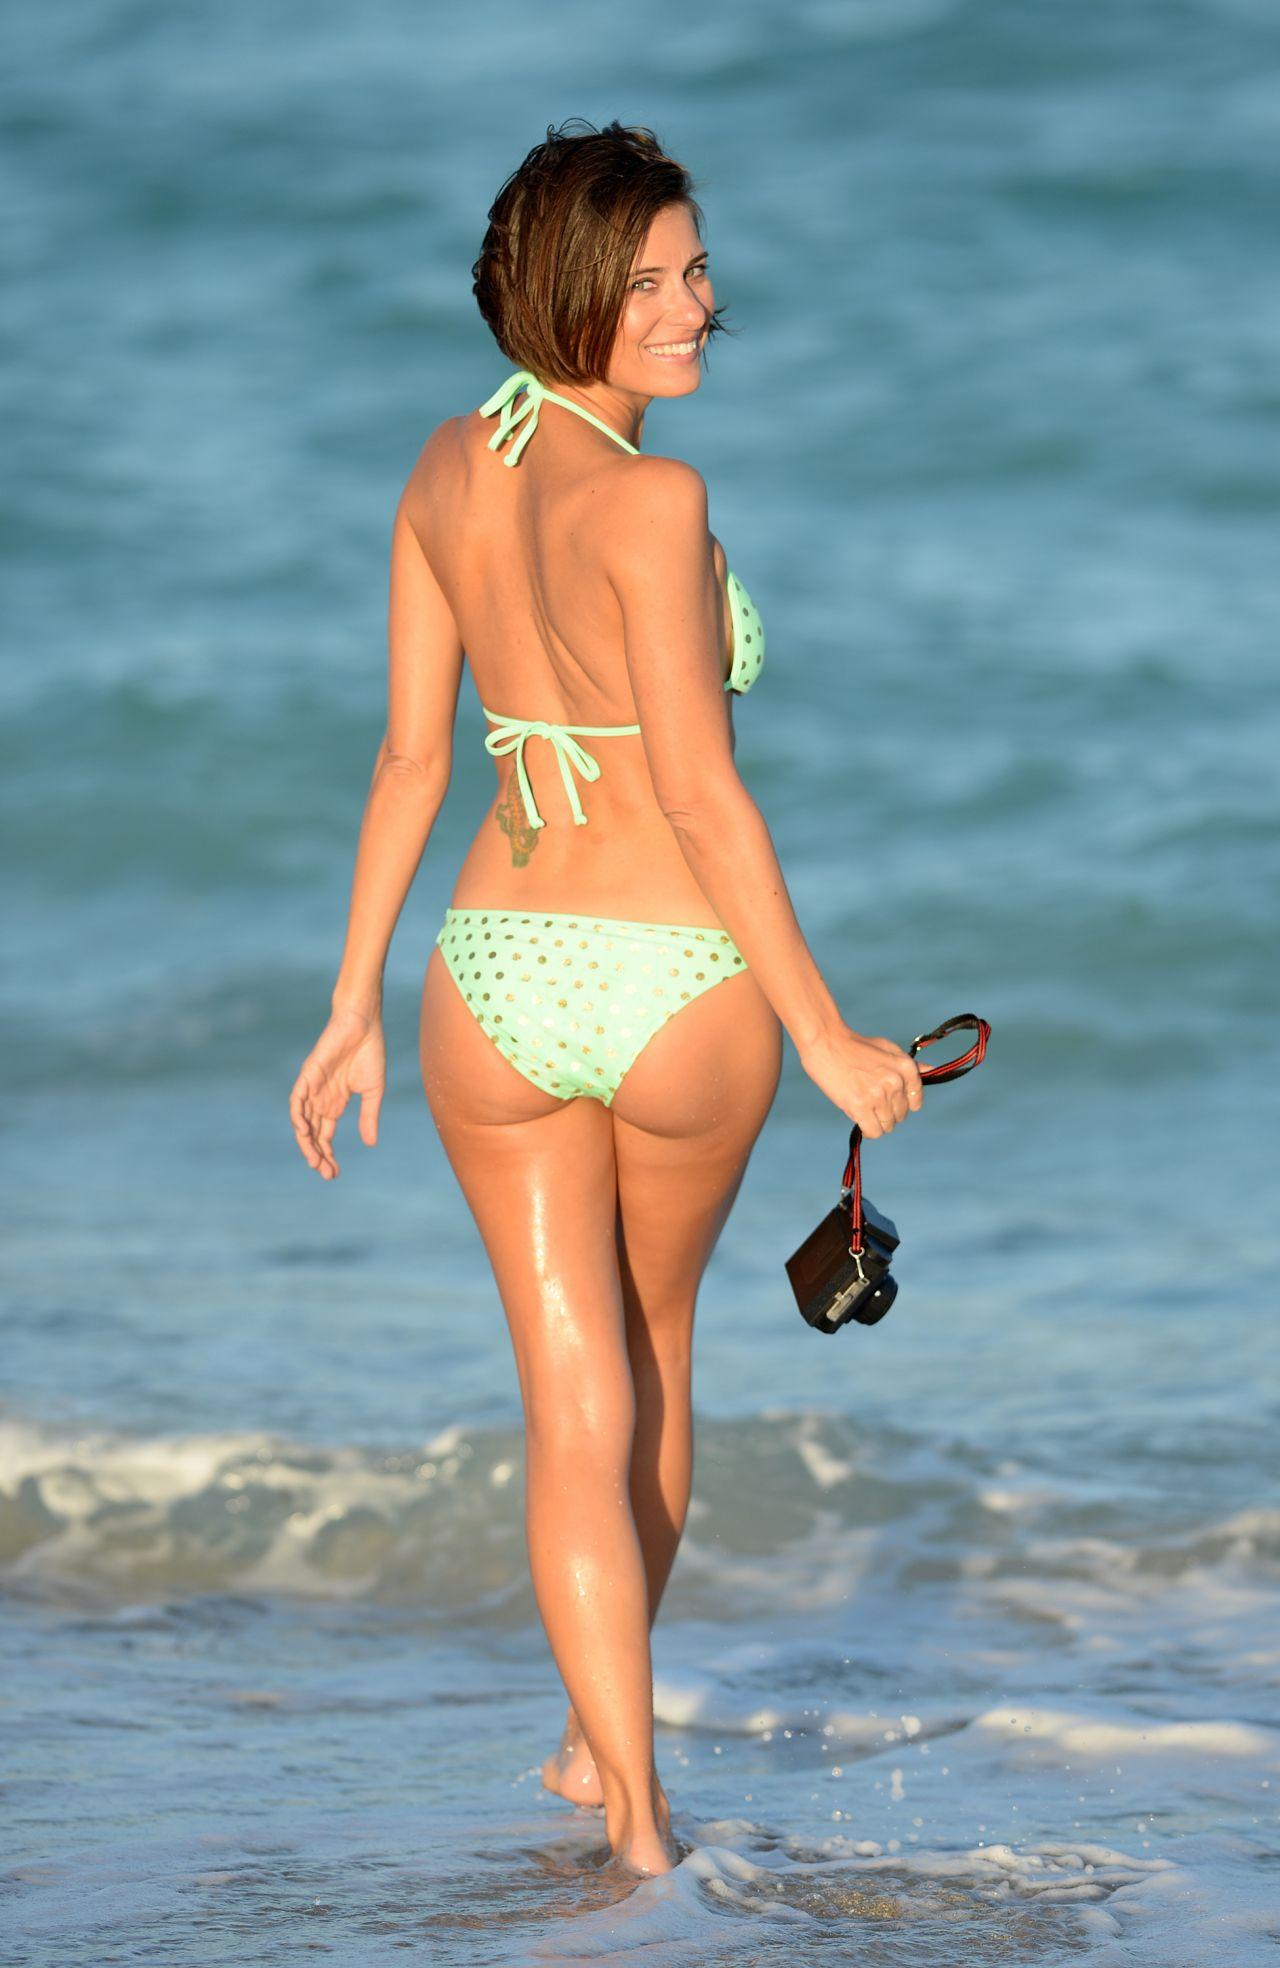 Hottest Bikini Trends Photos: Logan Fazio Bikini Pictures As Hottest Paparazzo In Miami